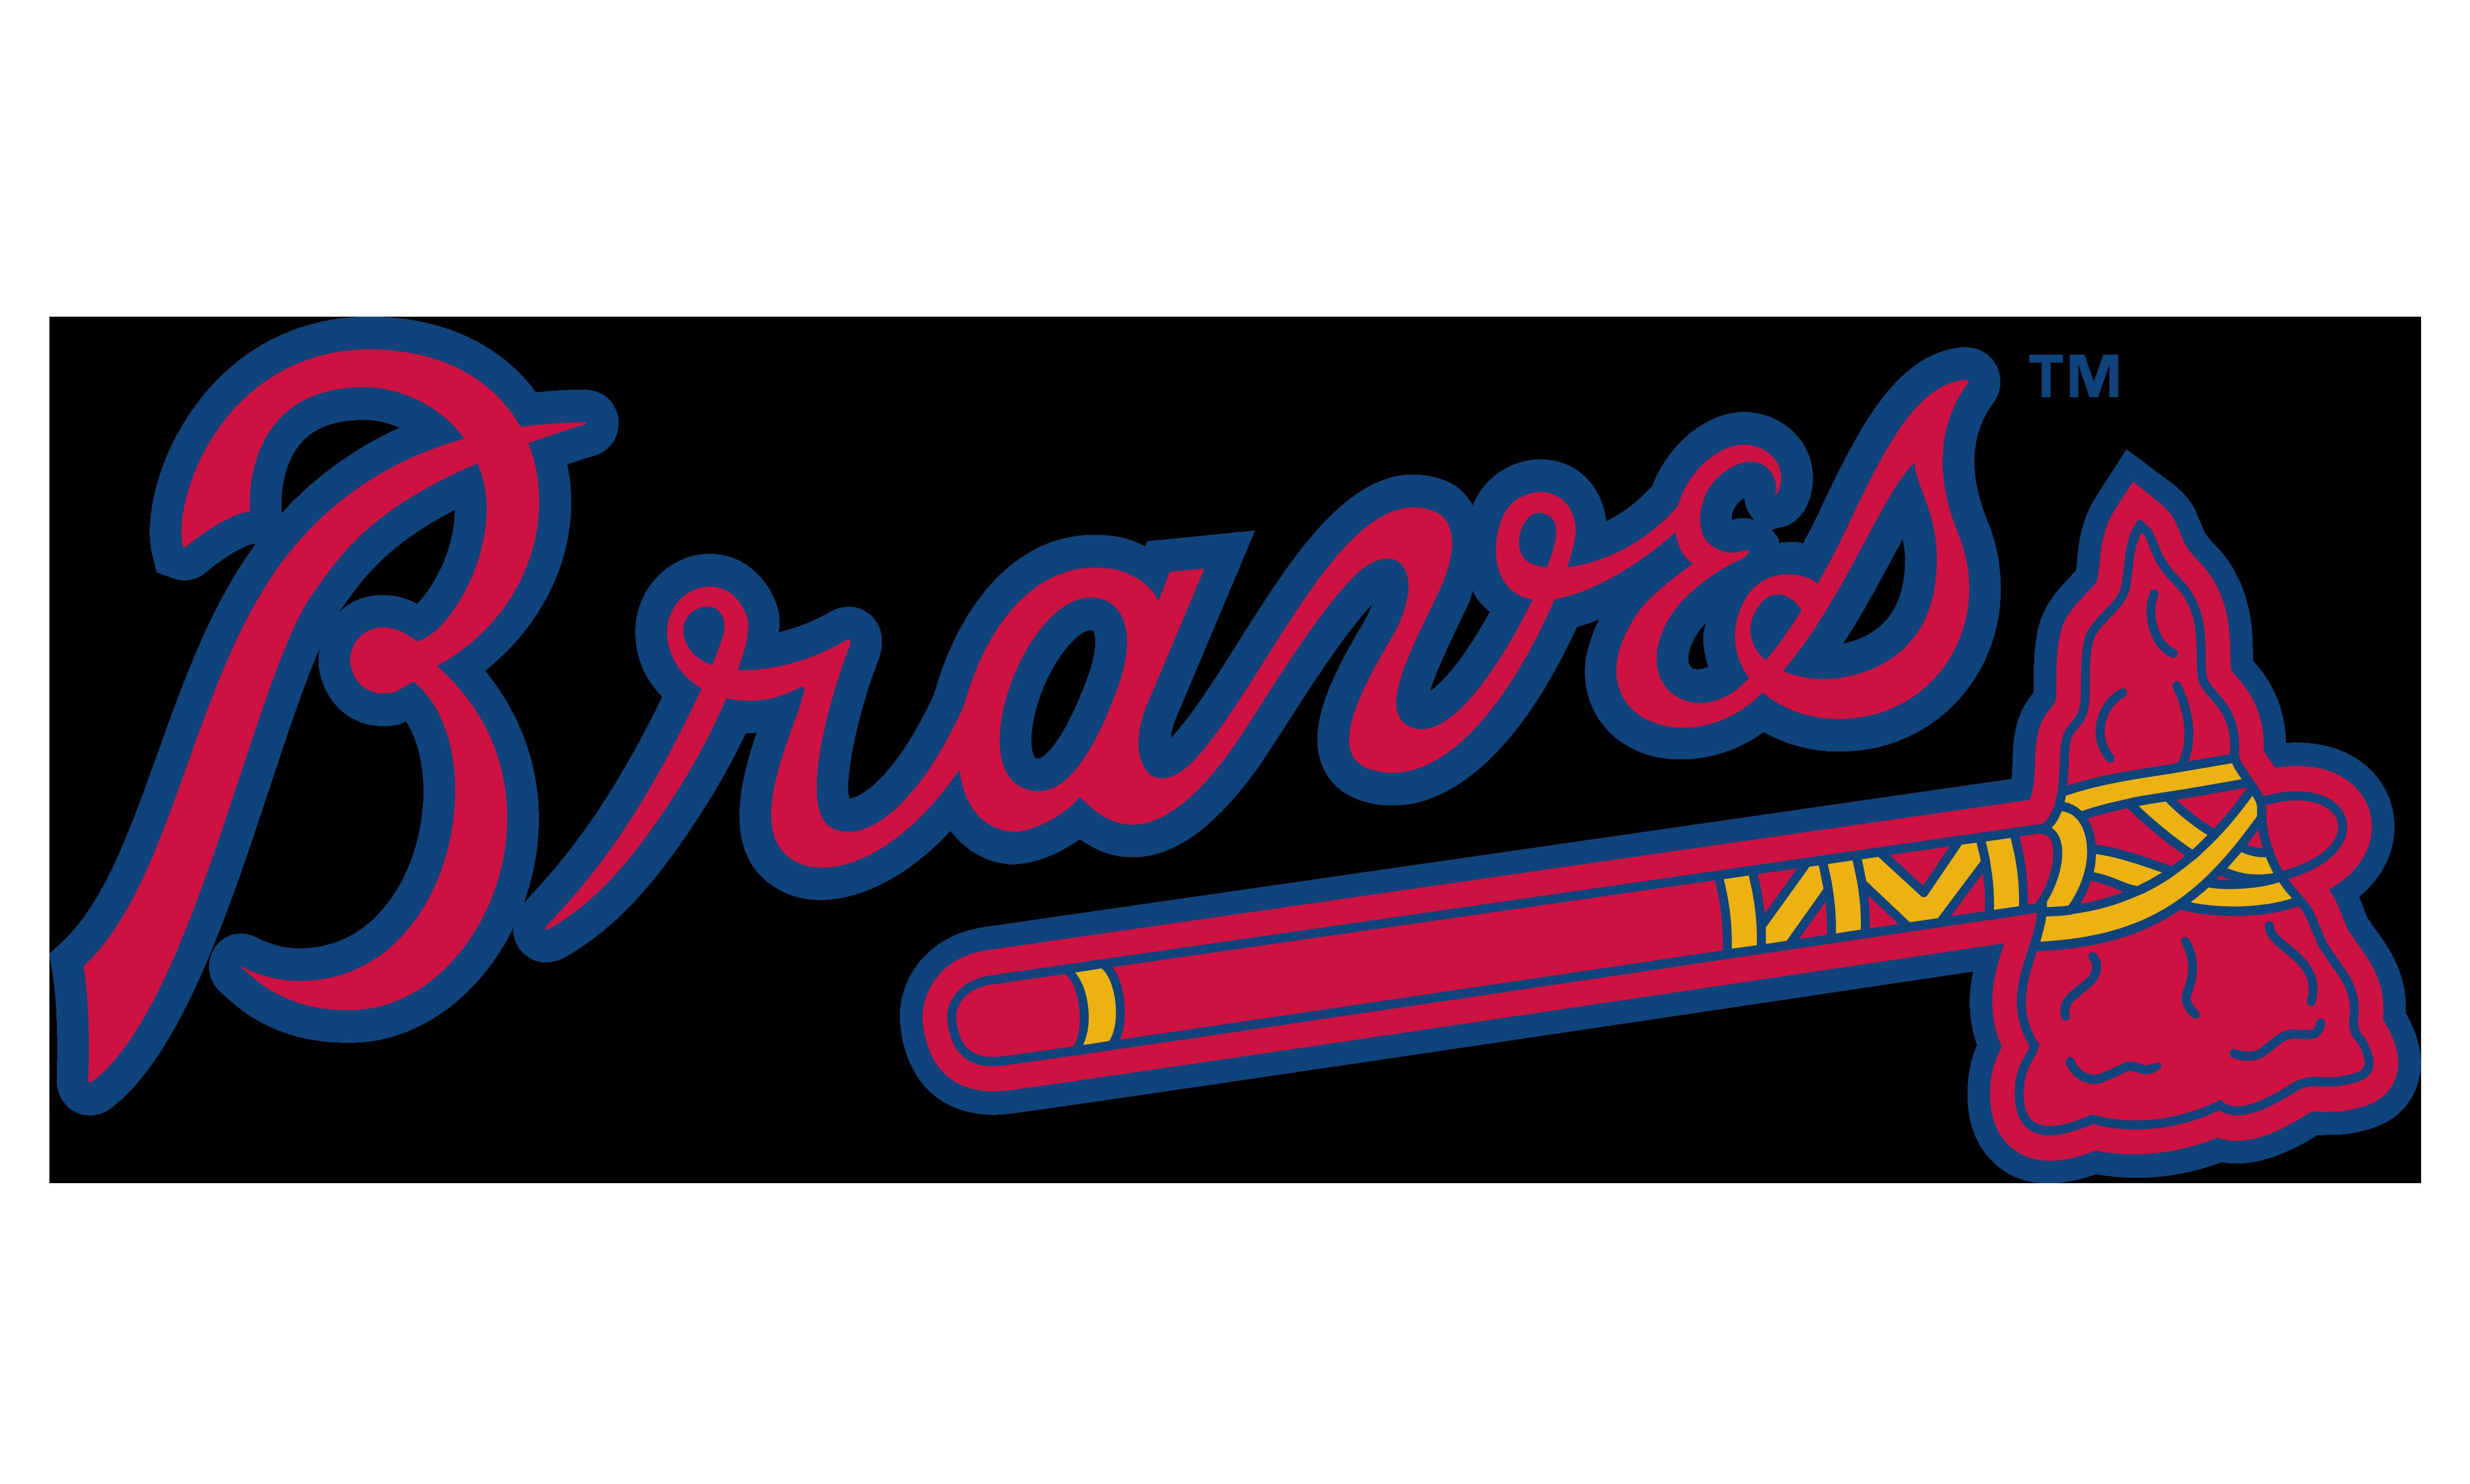 Atlanta Braves MLB Logo Philadelphia Phillies Baseball.